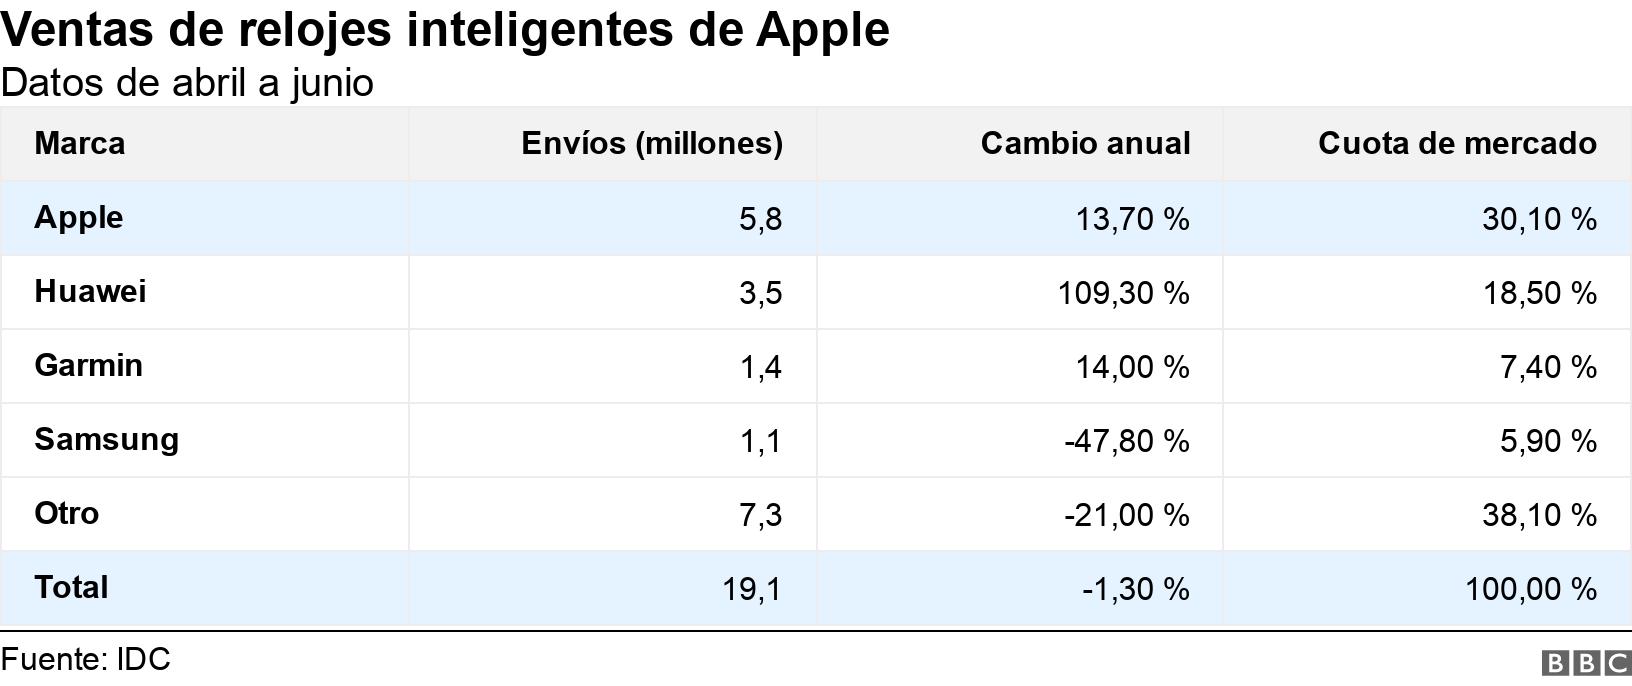 Ventas de relojes inteligentes de Apple . Datos de abril a junio.  .